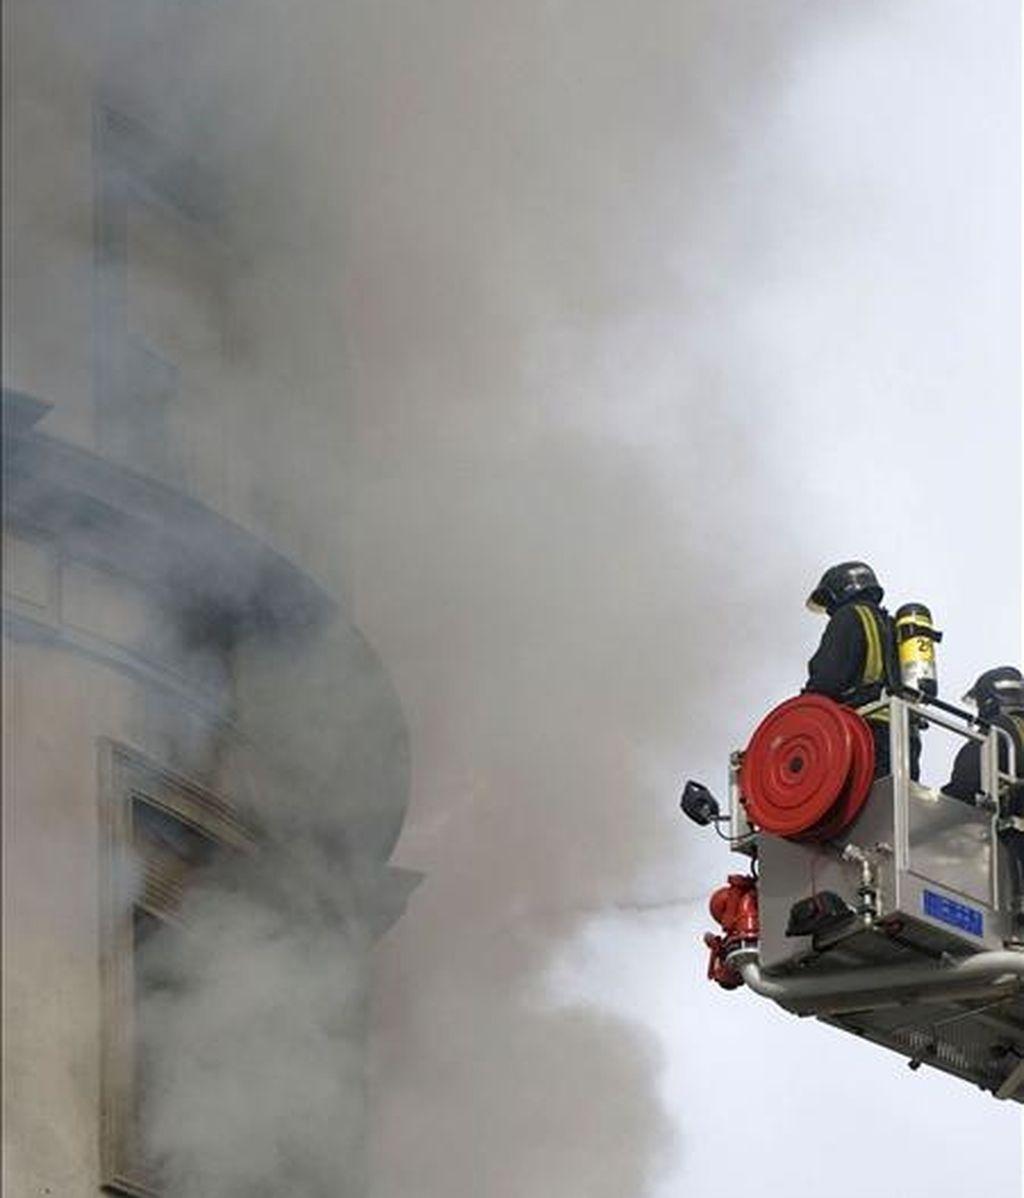 Unos bomberos trabajan en el control y extinción del incendio que se ha declarado esta mañana por causas desconocidas en una vivienda situada en la esquina de la plaza de América de Valencia con la calle de Cirilo Amorós. EFE